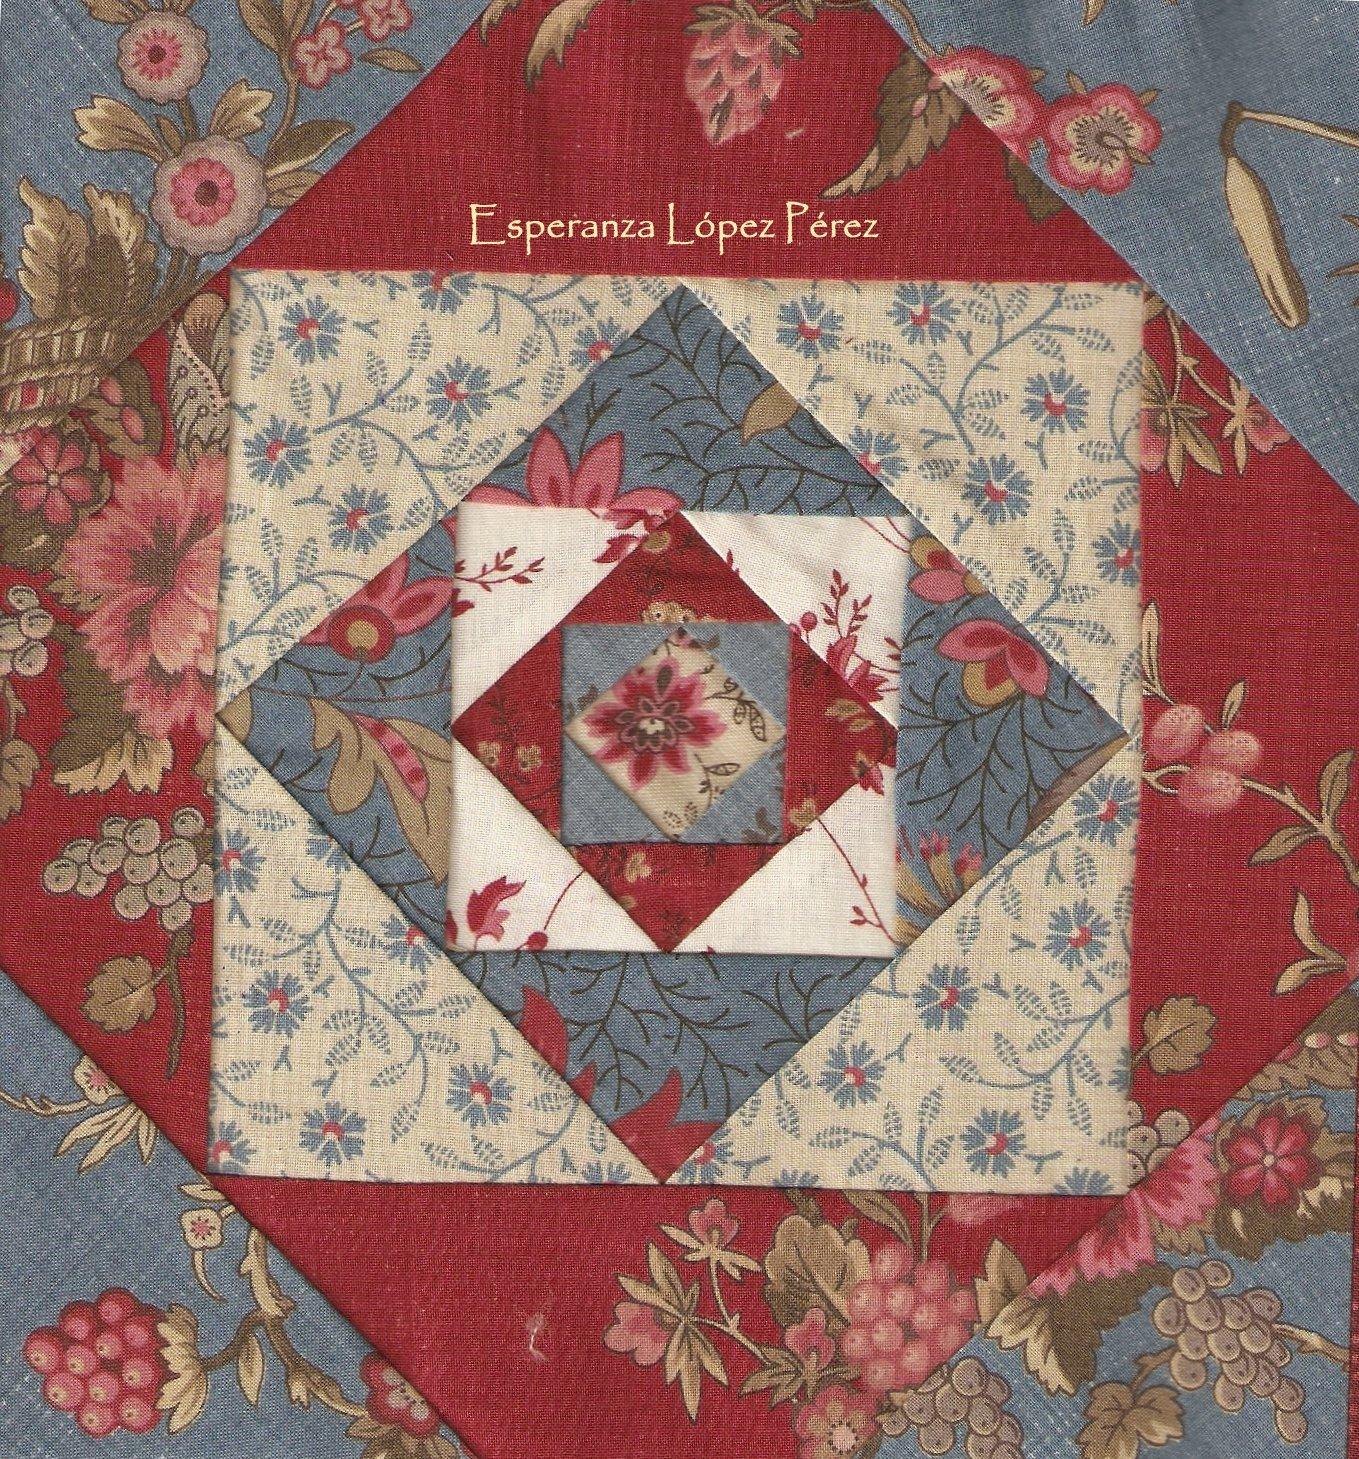 El Blog De Esperanza Octubre 2010